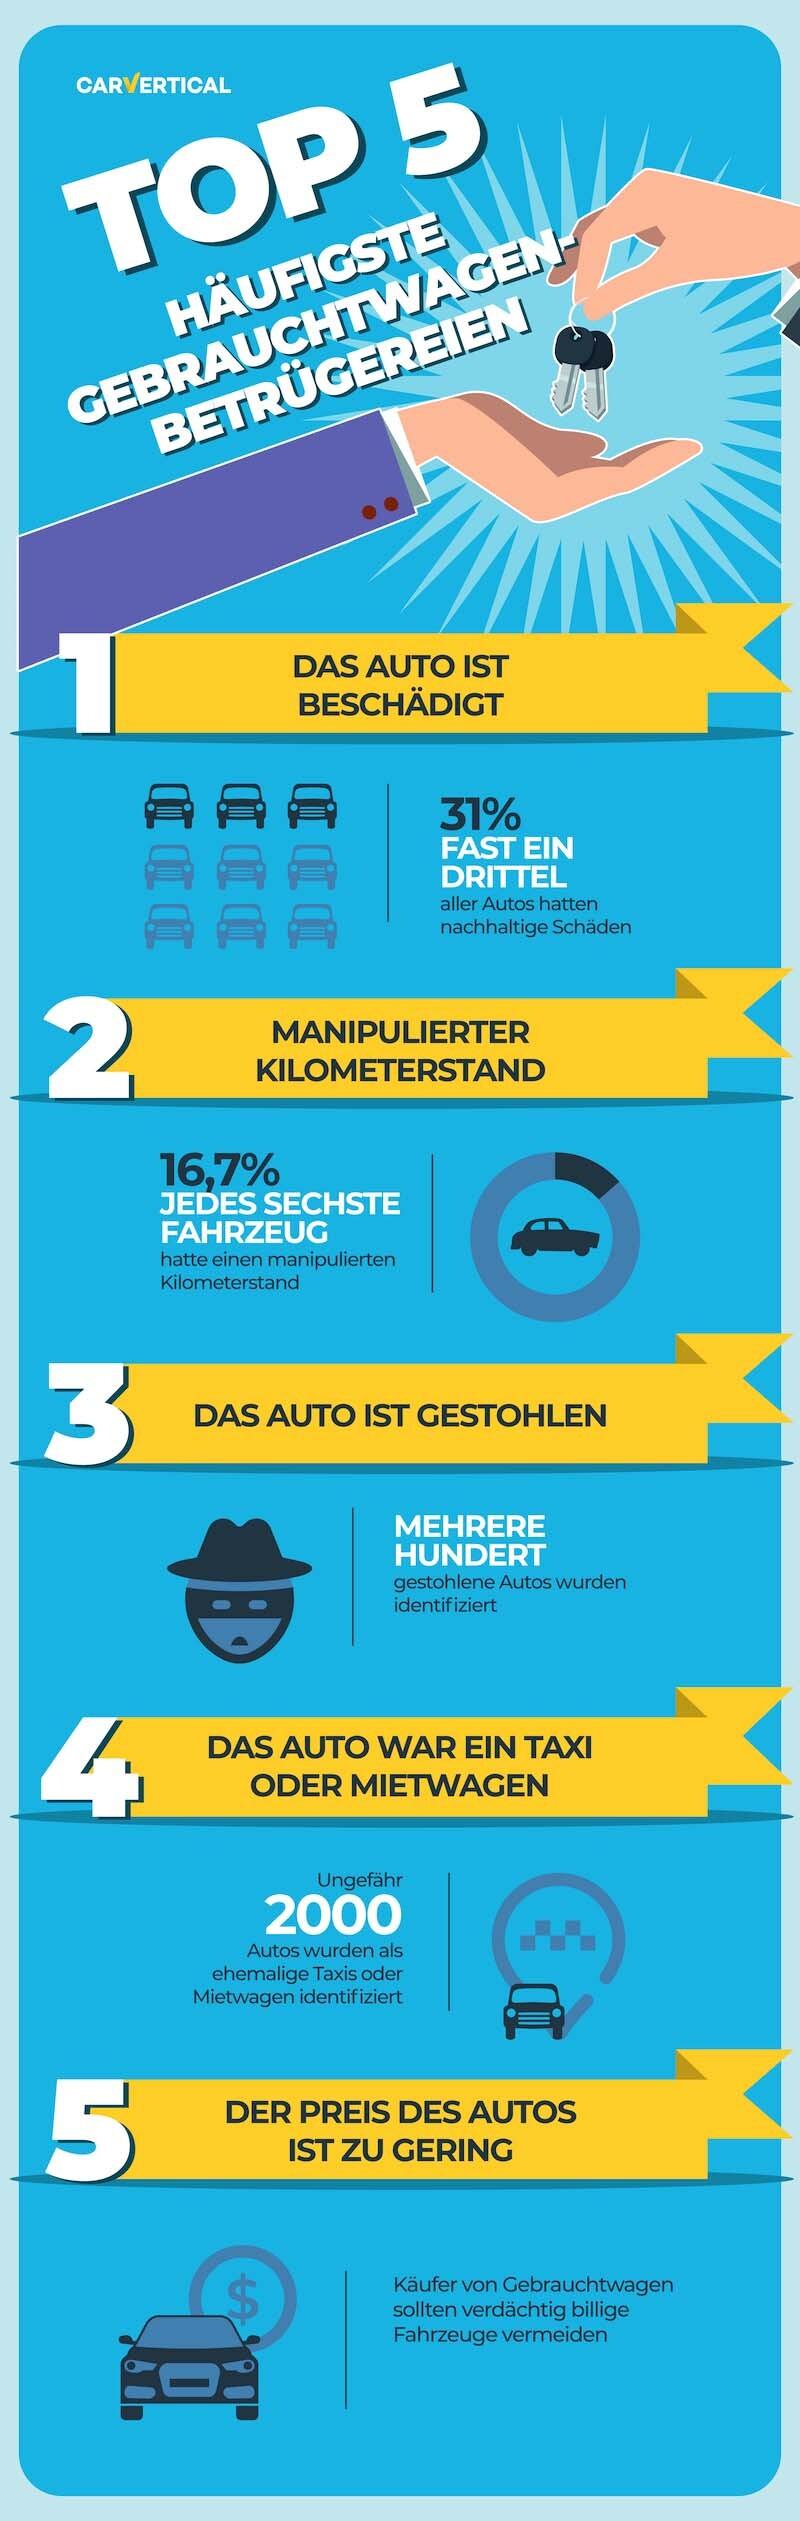 Die TOP 5 häufigsten Betrügereien, die Sie laut carVertical beim Kauf von einem Gebrauchtwagen vermeiden sollten